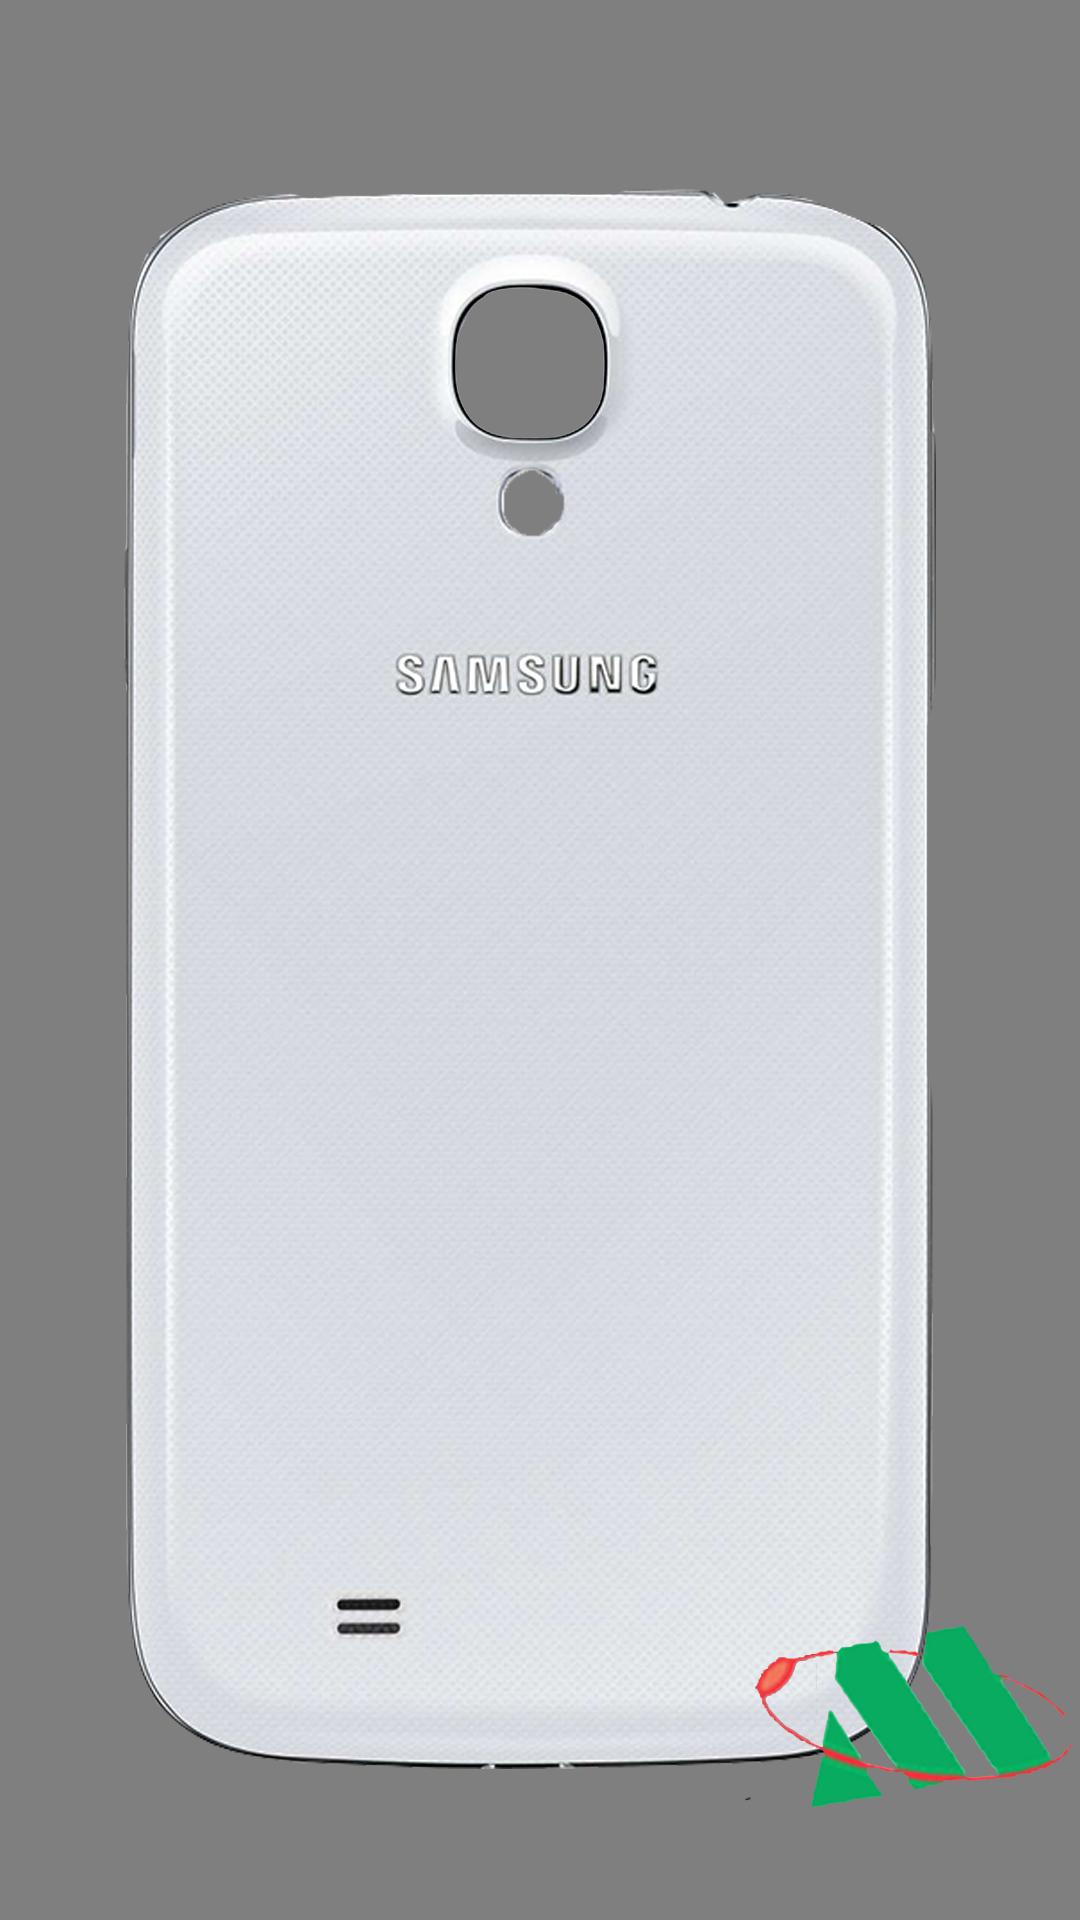 i9500-s4-01-009-002-001